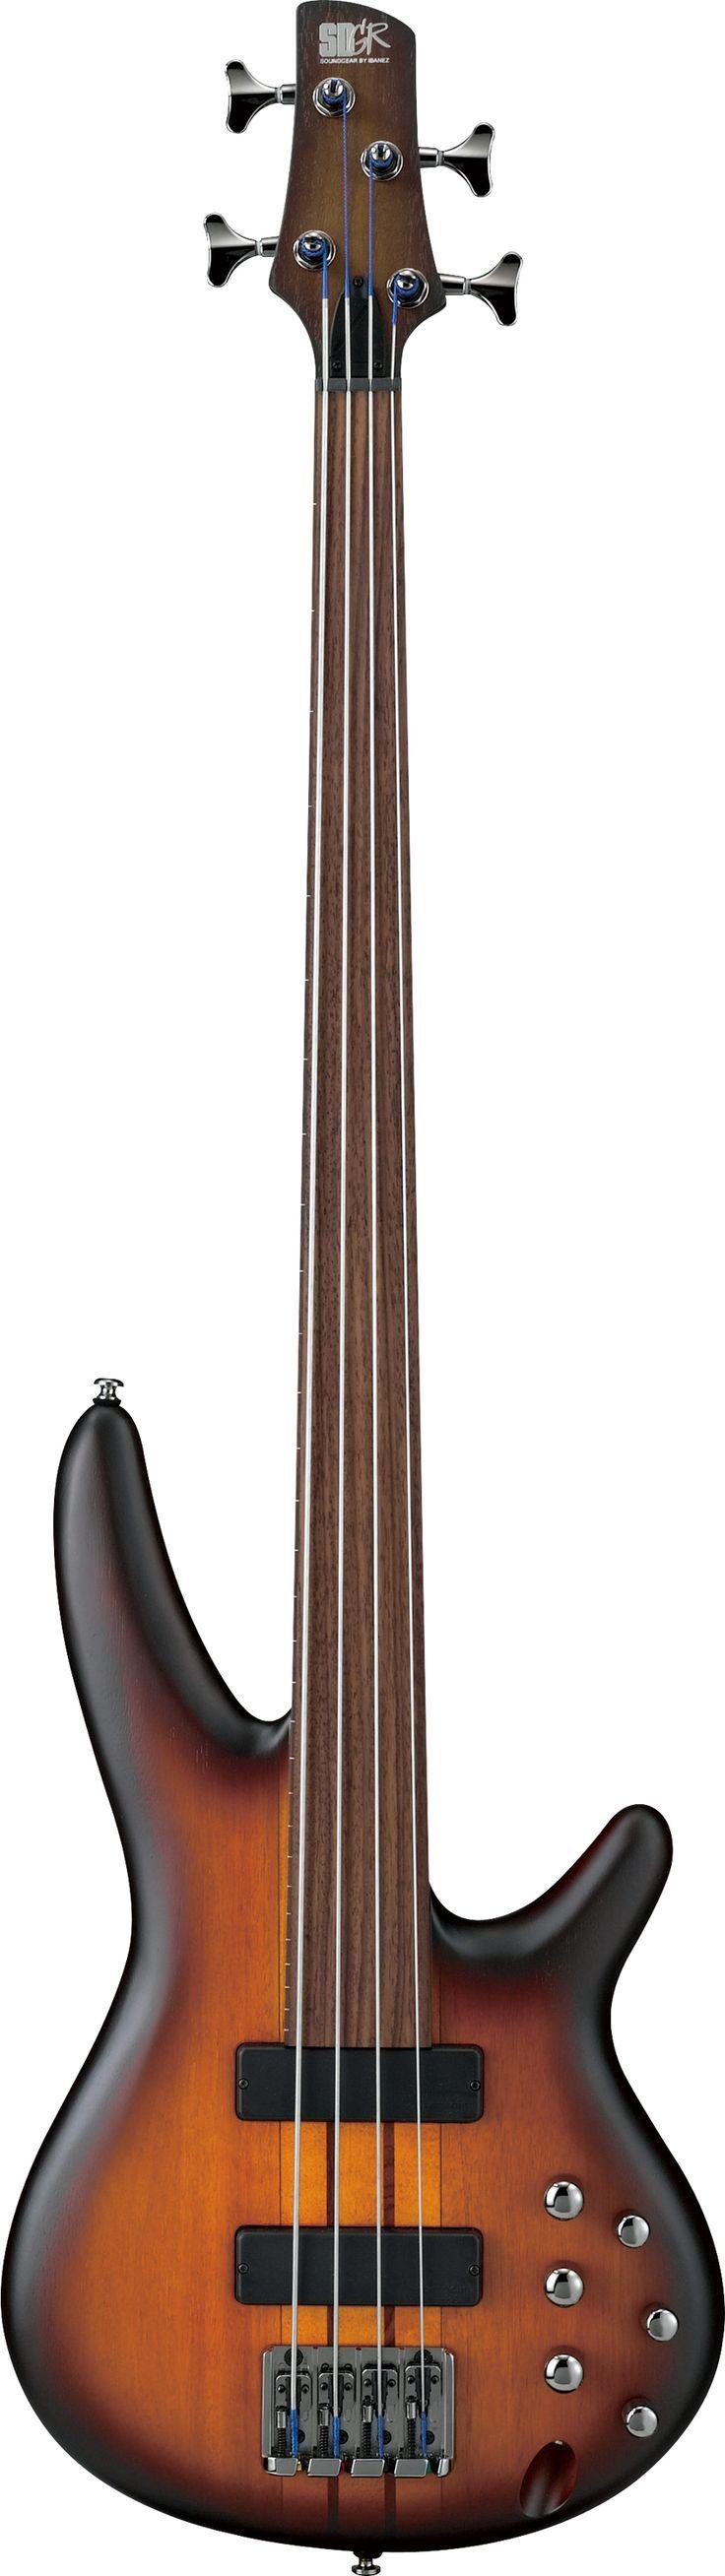 ibanez srf700bbf workshop fretless bass guitar brown burst flat bass guitars pinterest. Black Bedroom Furniture Sets. Home Design Ideas